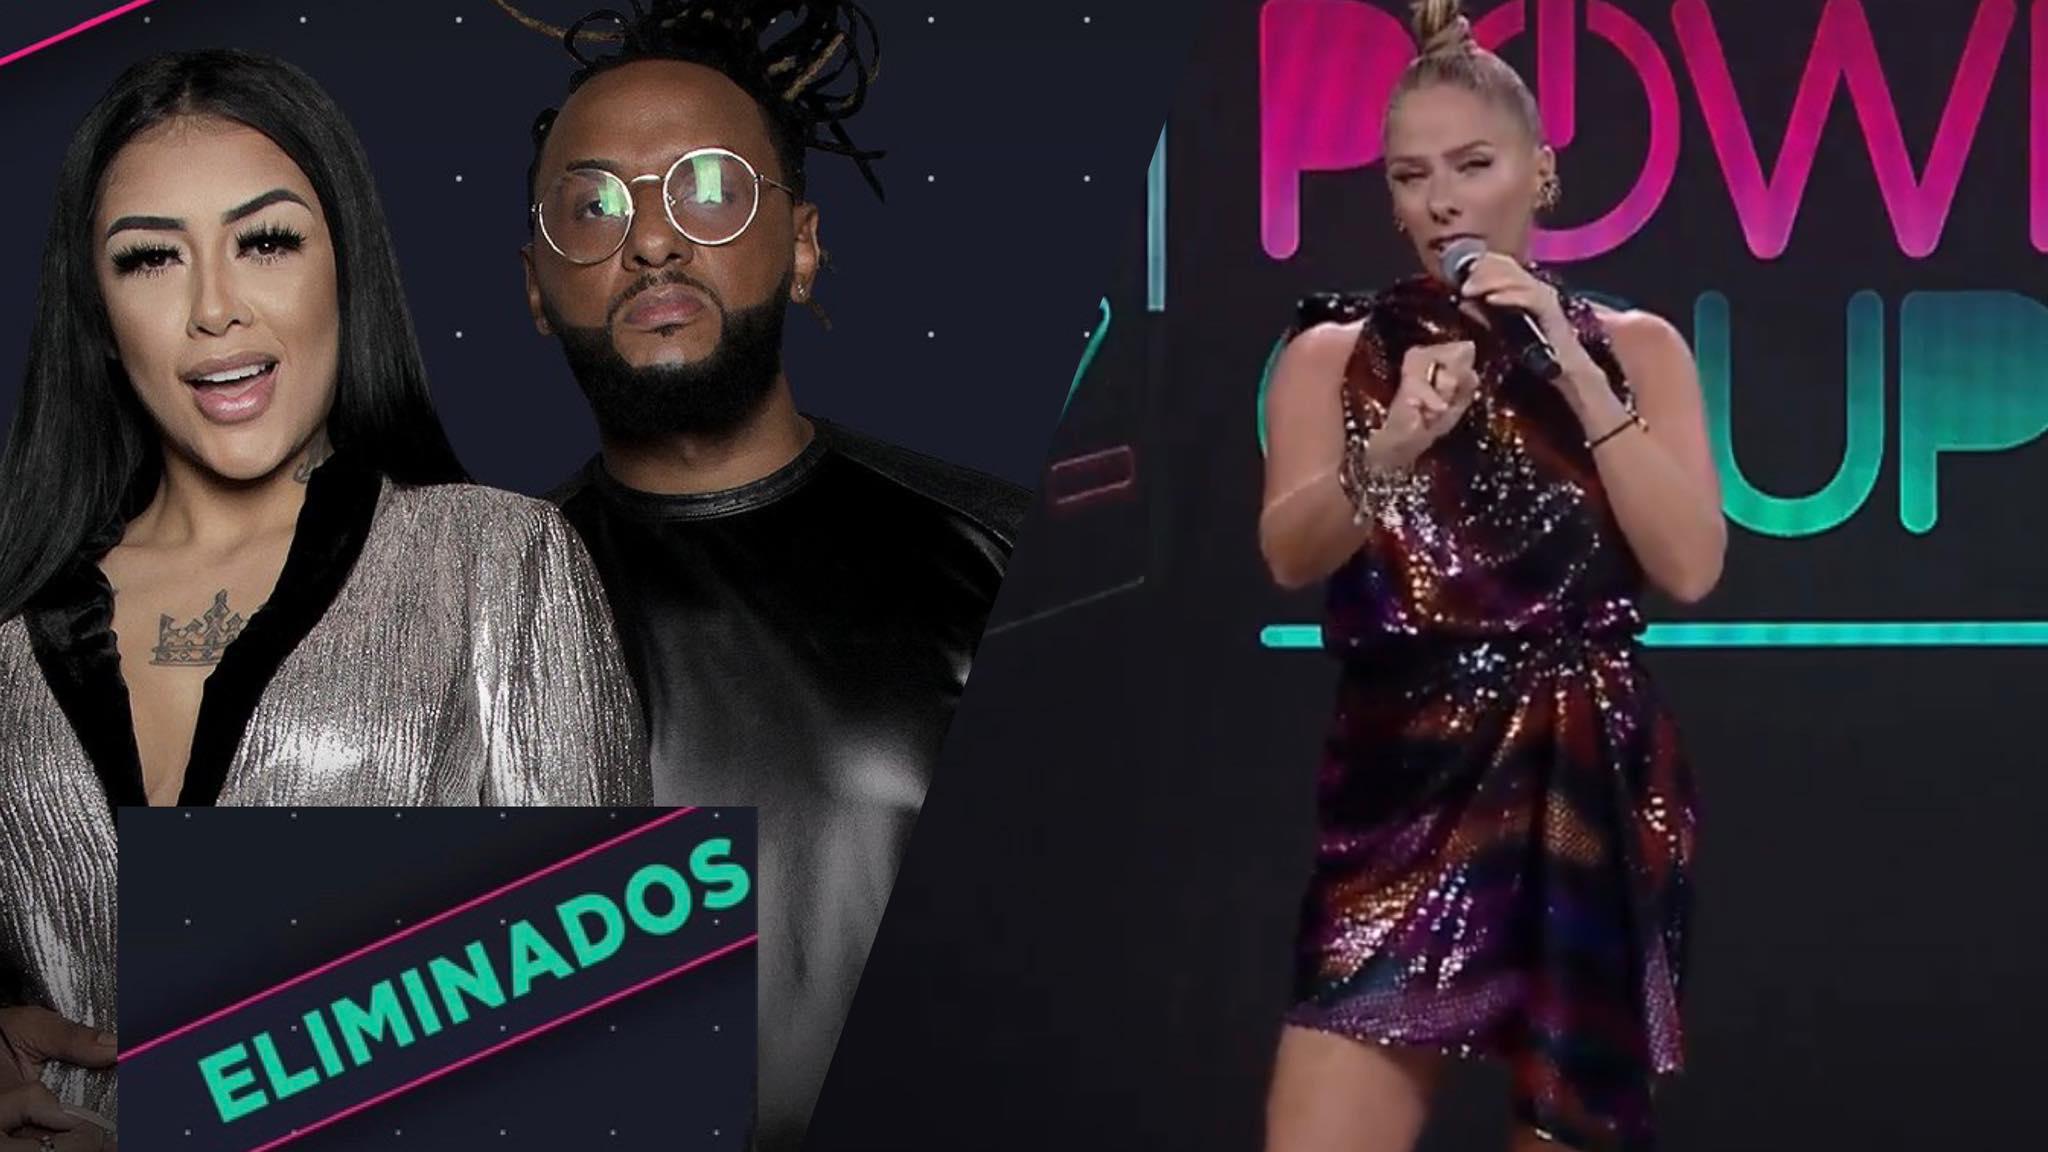 Fernanda Medrado e Claytão é o casal eliminado do Power Couple nessa semana (montagem: Fashion Bubbles)